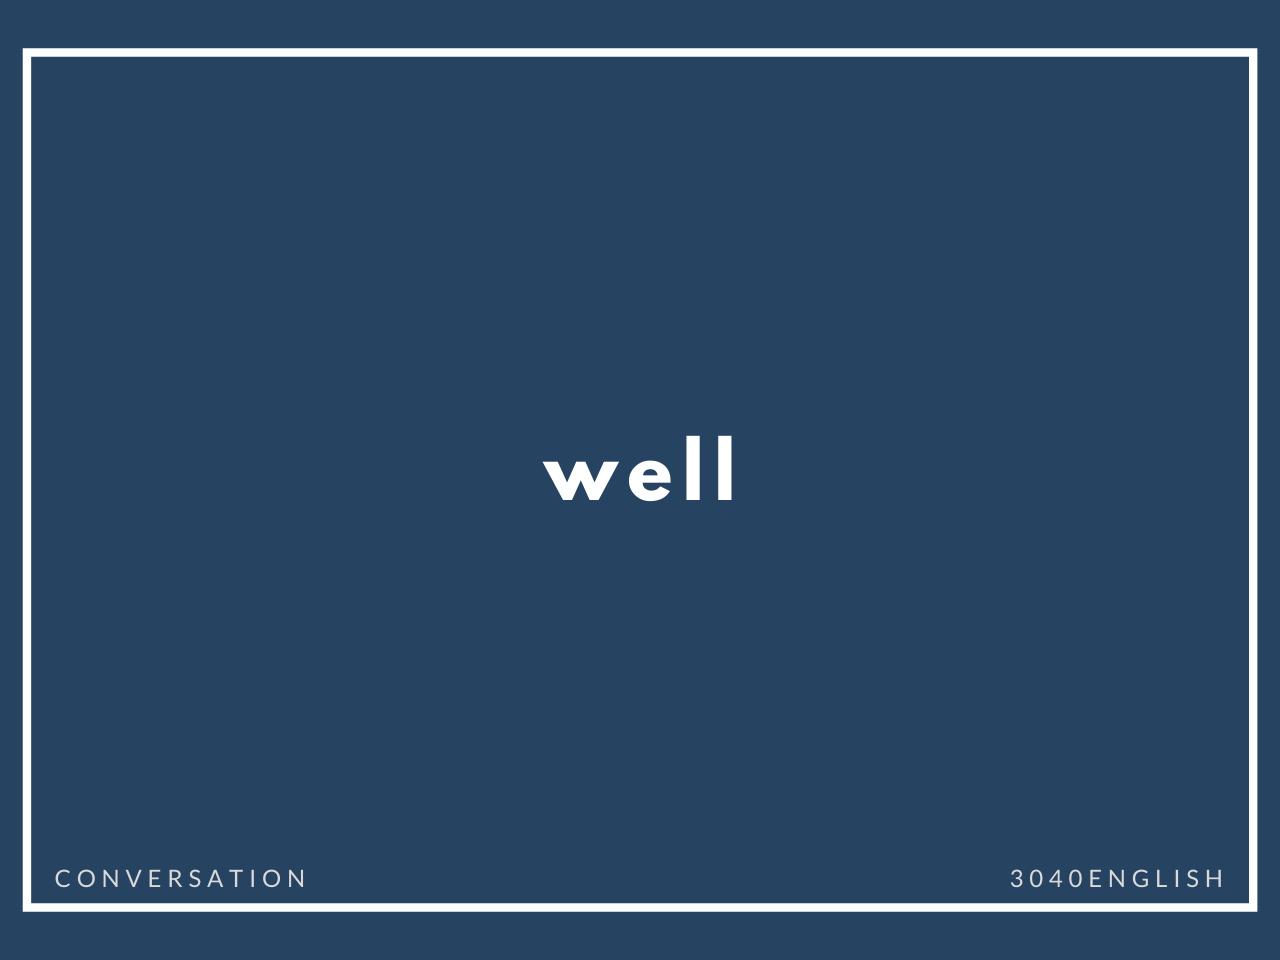 言葉につまったときに使う英語・英会話フレーズ9選【例文あり】